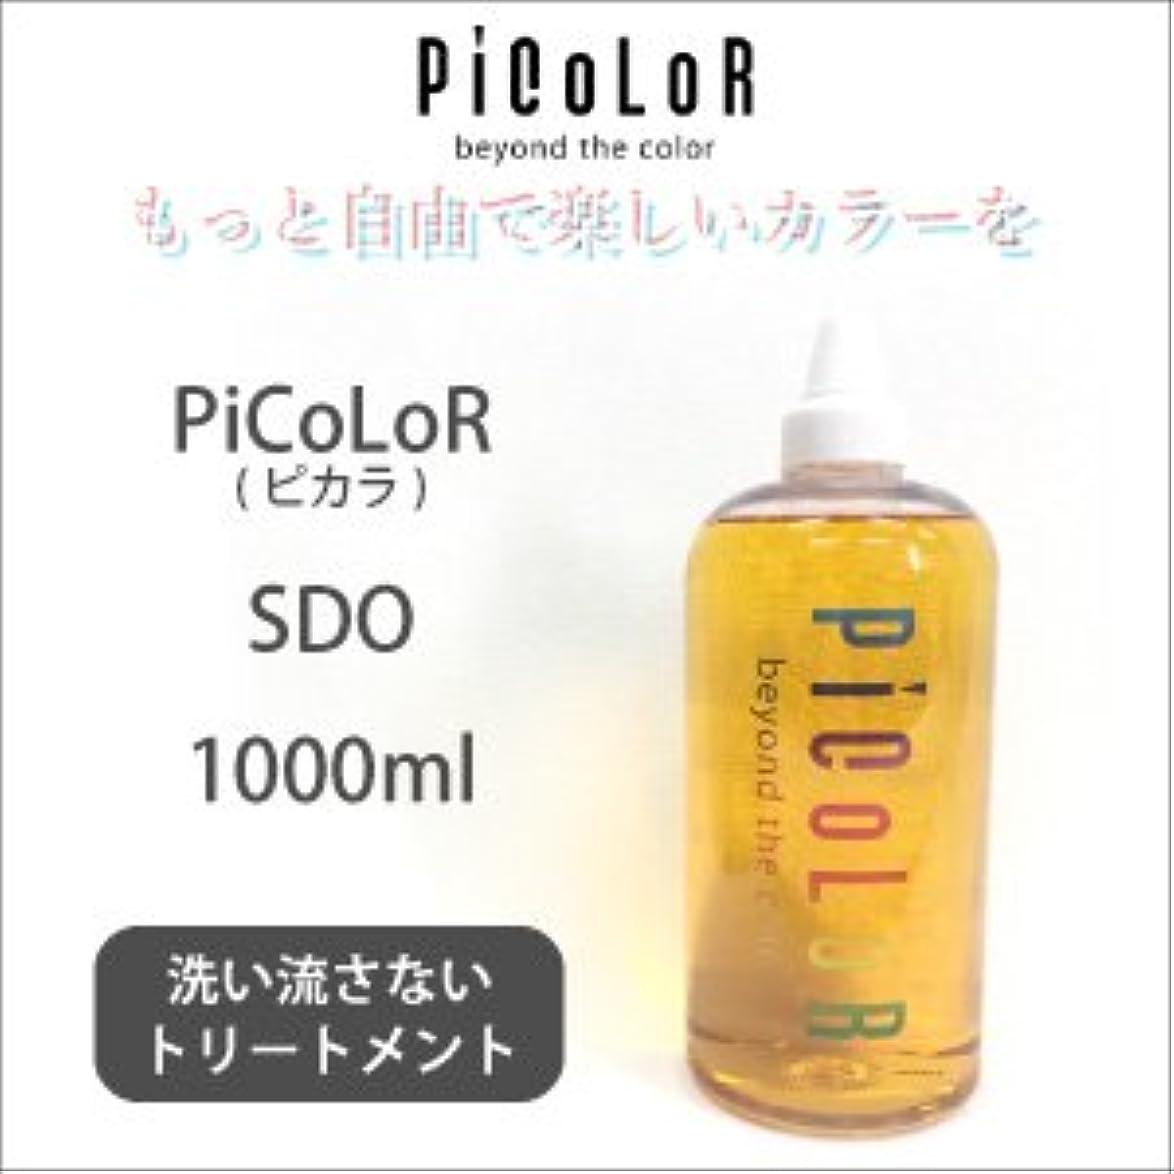 雲クリップ蝶セールスマンムコタ ピカラ SDO (洗い流さないトリートメント) 1000ml